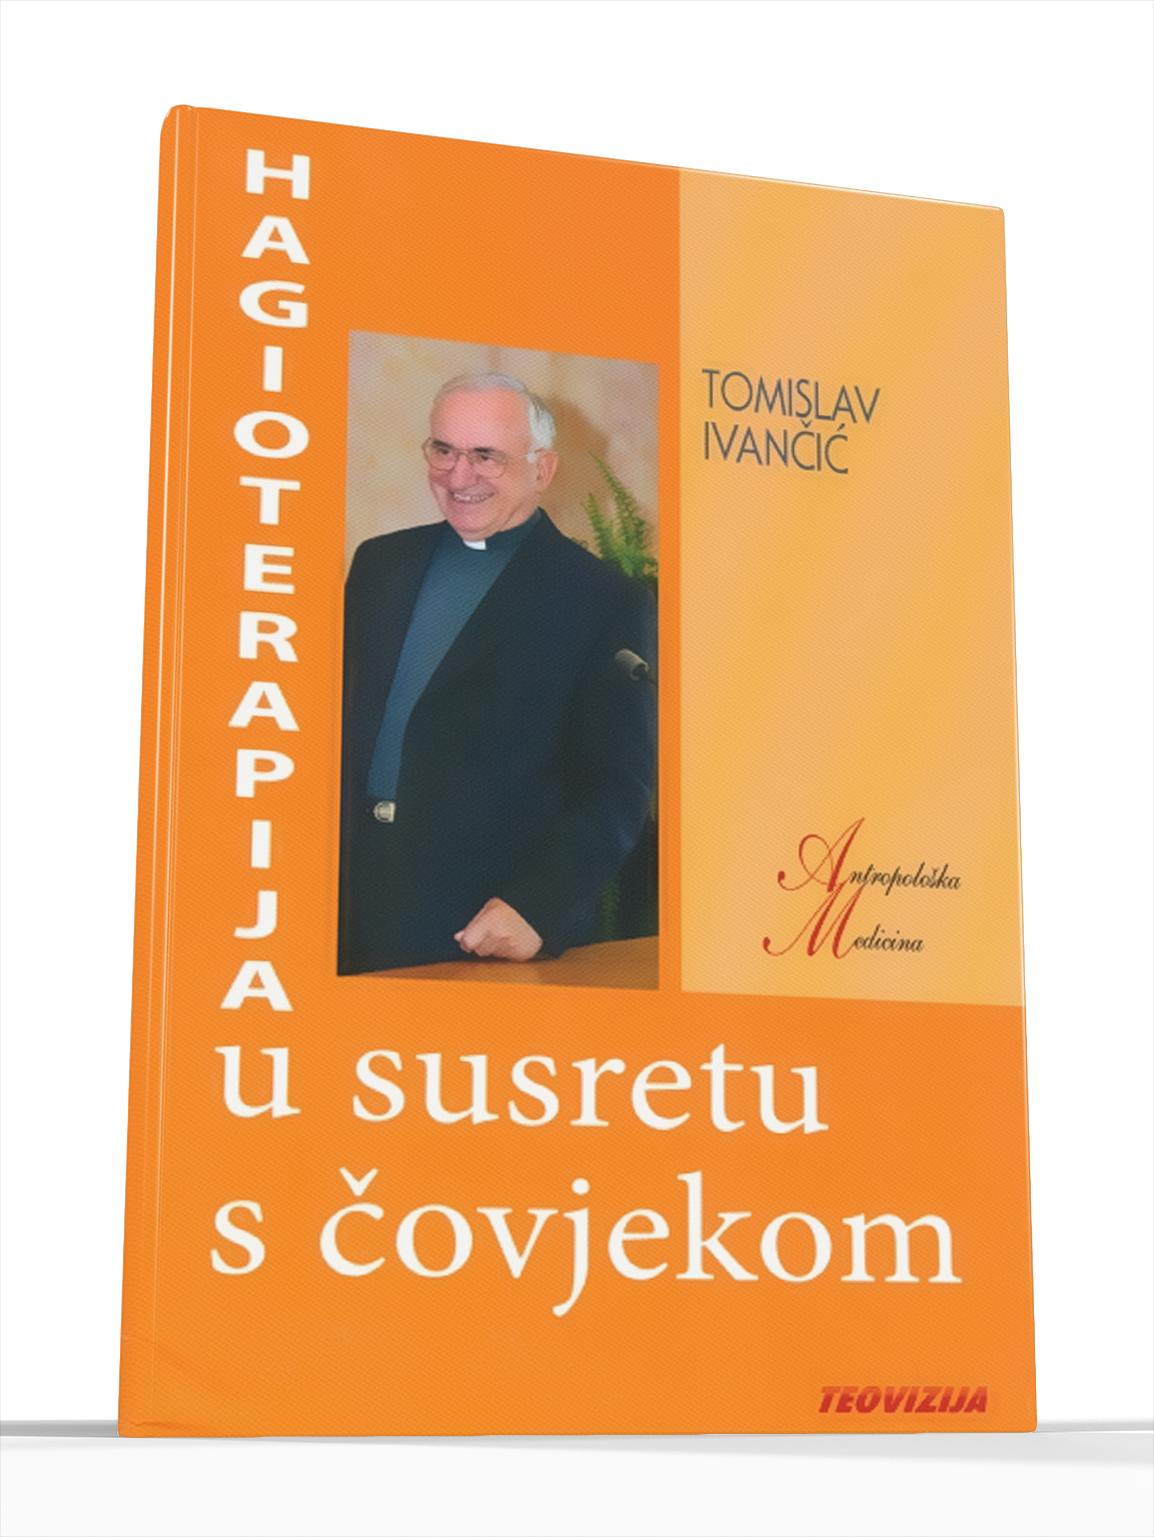 HAGIOTERAPIJA U SUSRETU S ČOVJEKOM (meki uvez) - Tomislav Ivančić